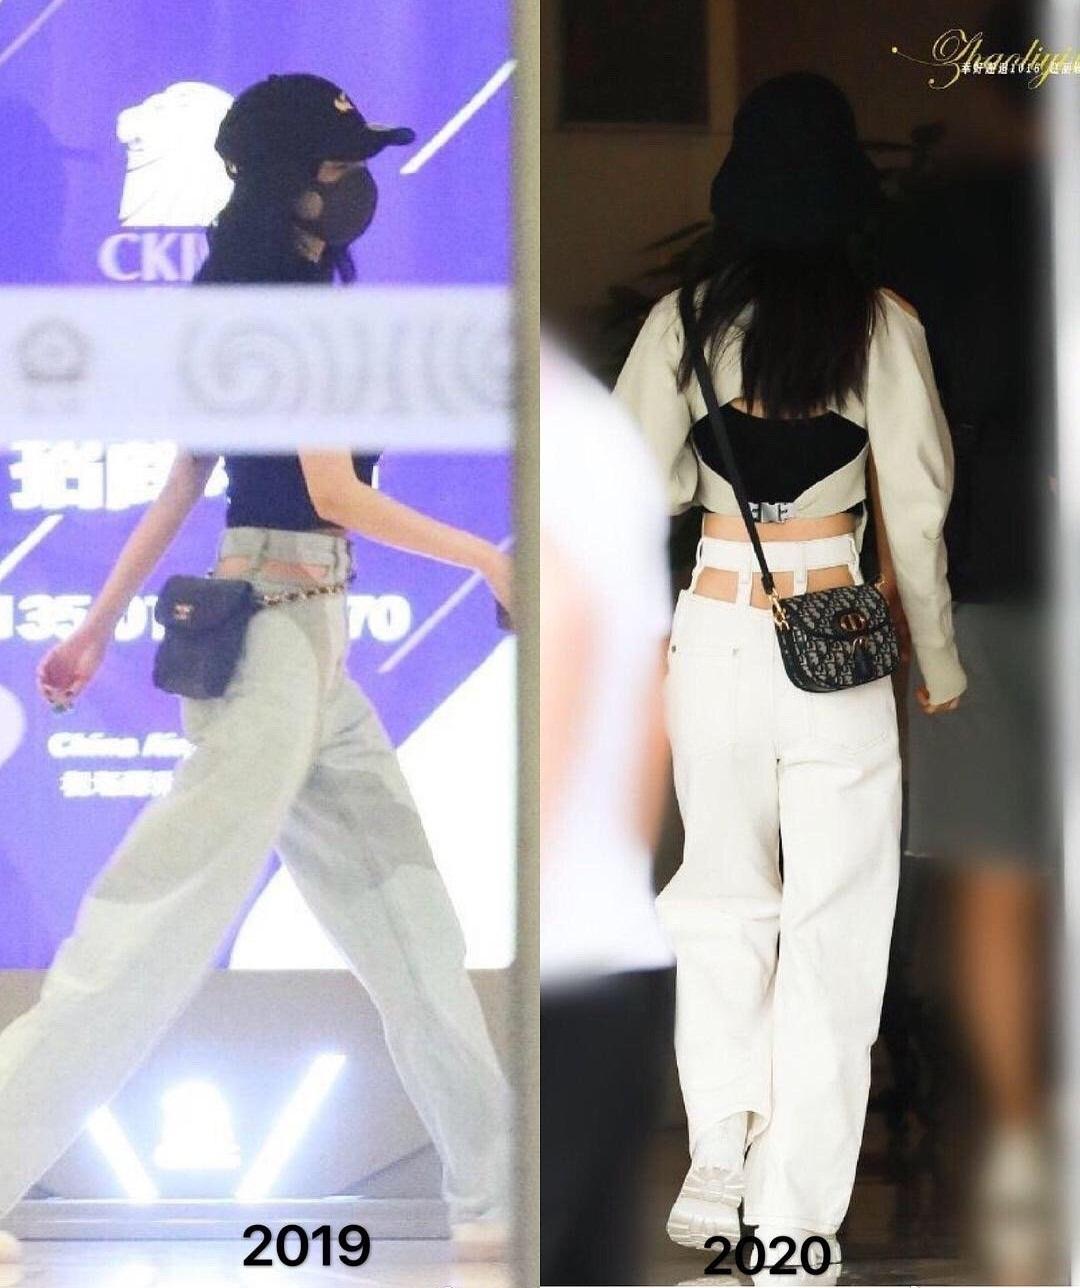 Triệu Lệ Dĩnh (phải) trong lần xuất hiện tại sân bay mới đây được cho là bắt chước diện kiểu quần cắt khoét khoe eo của Dương Mịch.